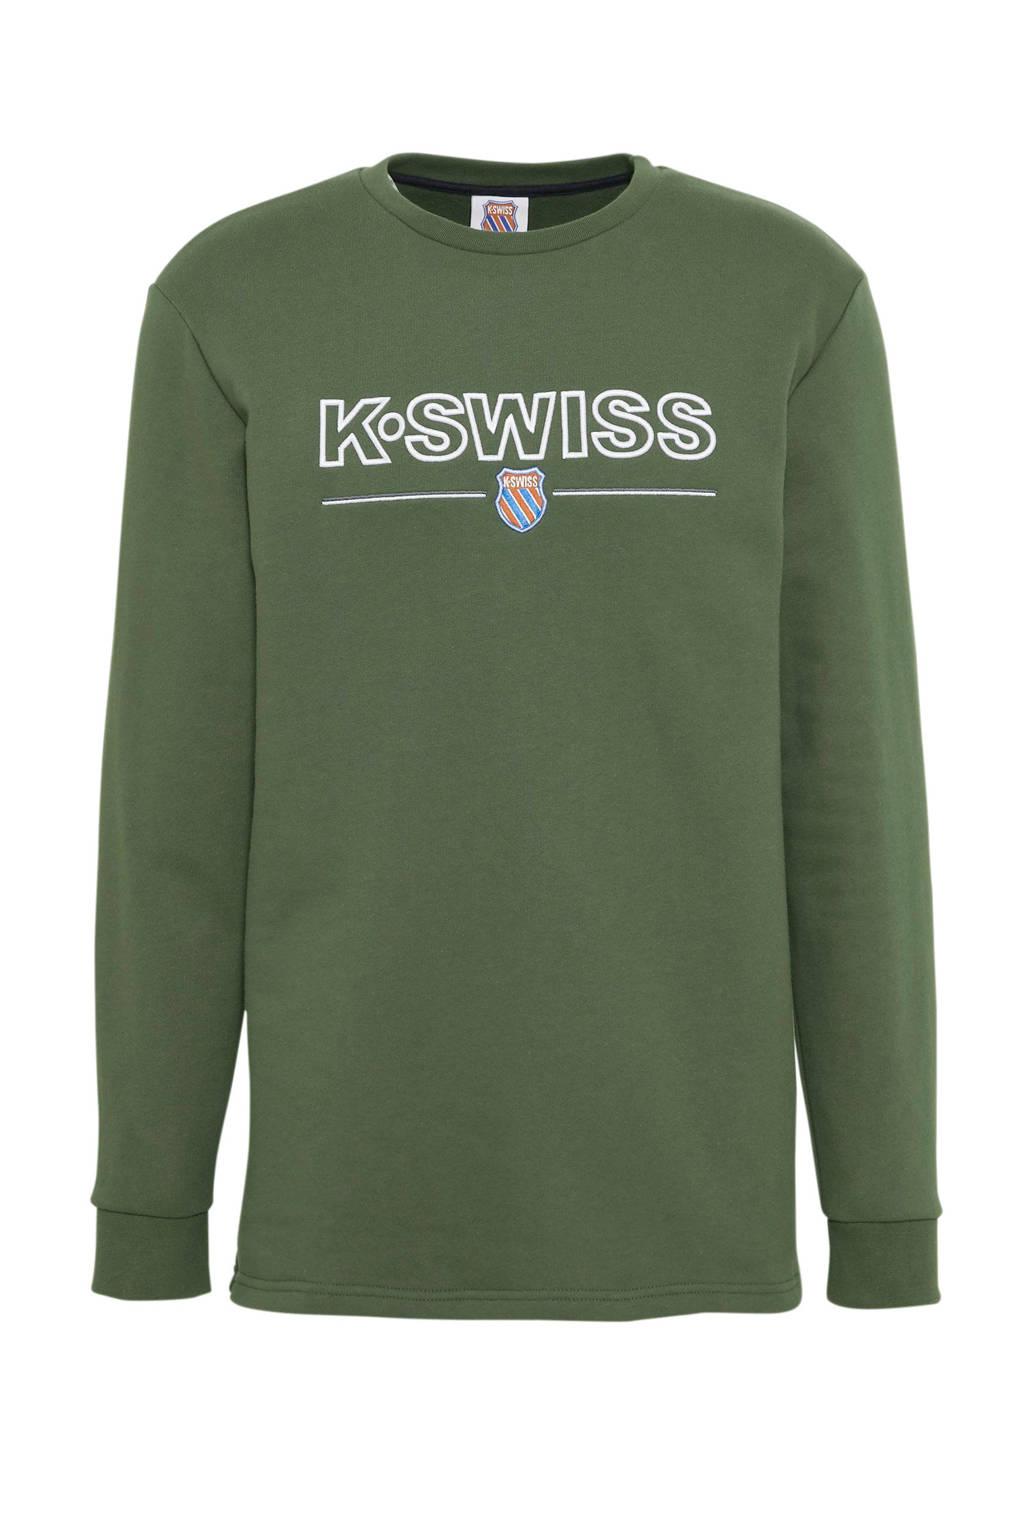 K-Swiss   sweater kakigroen, Kakigroen